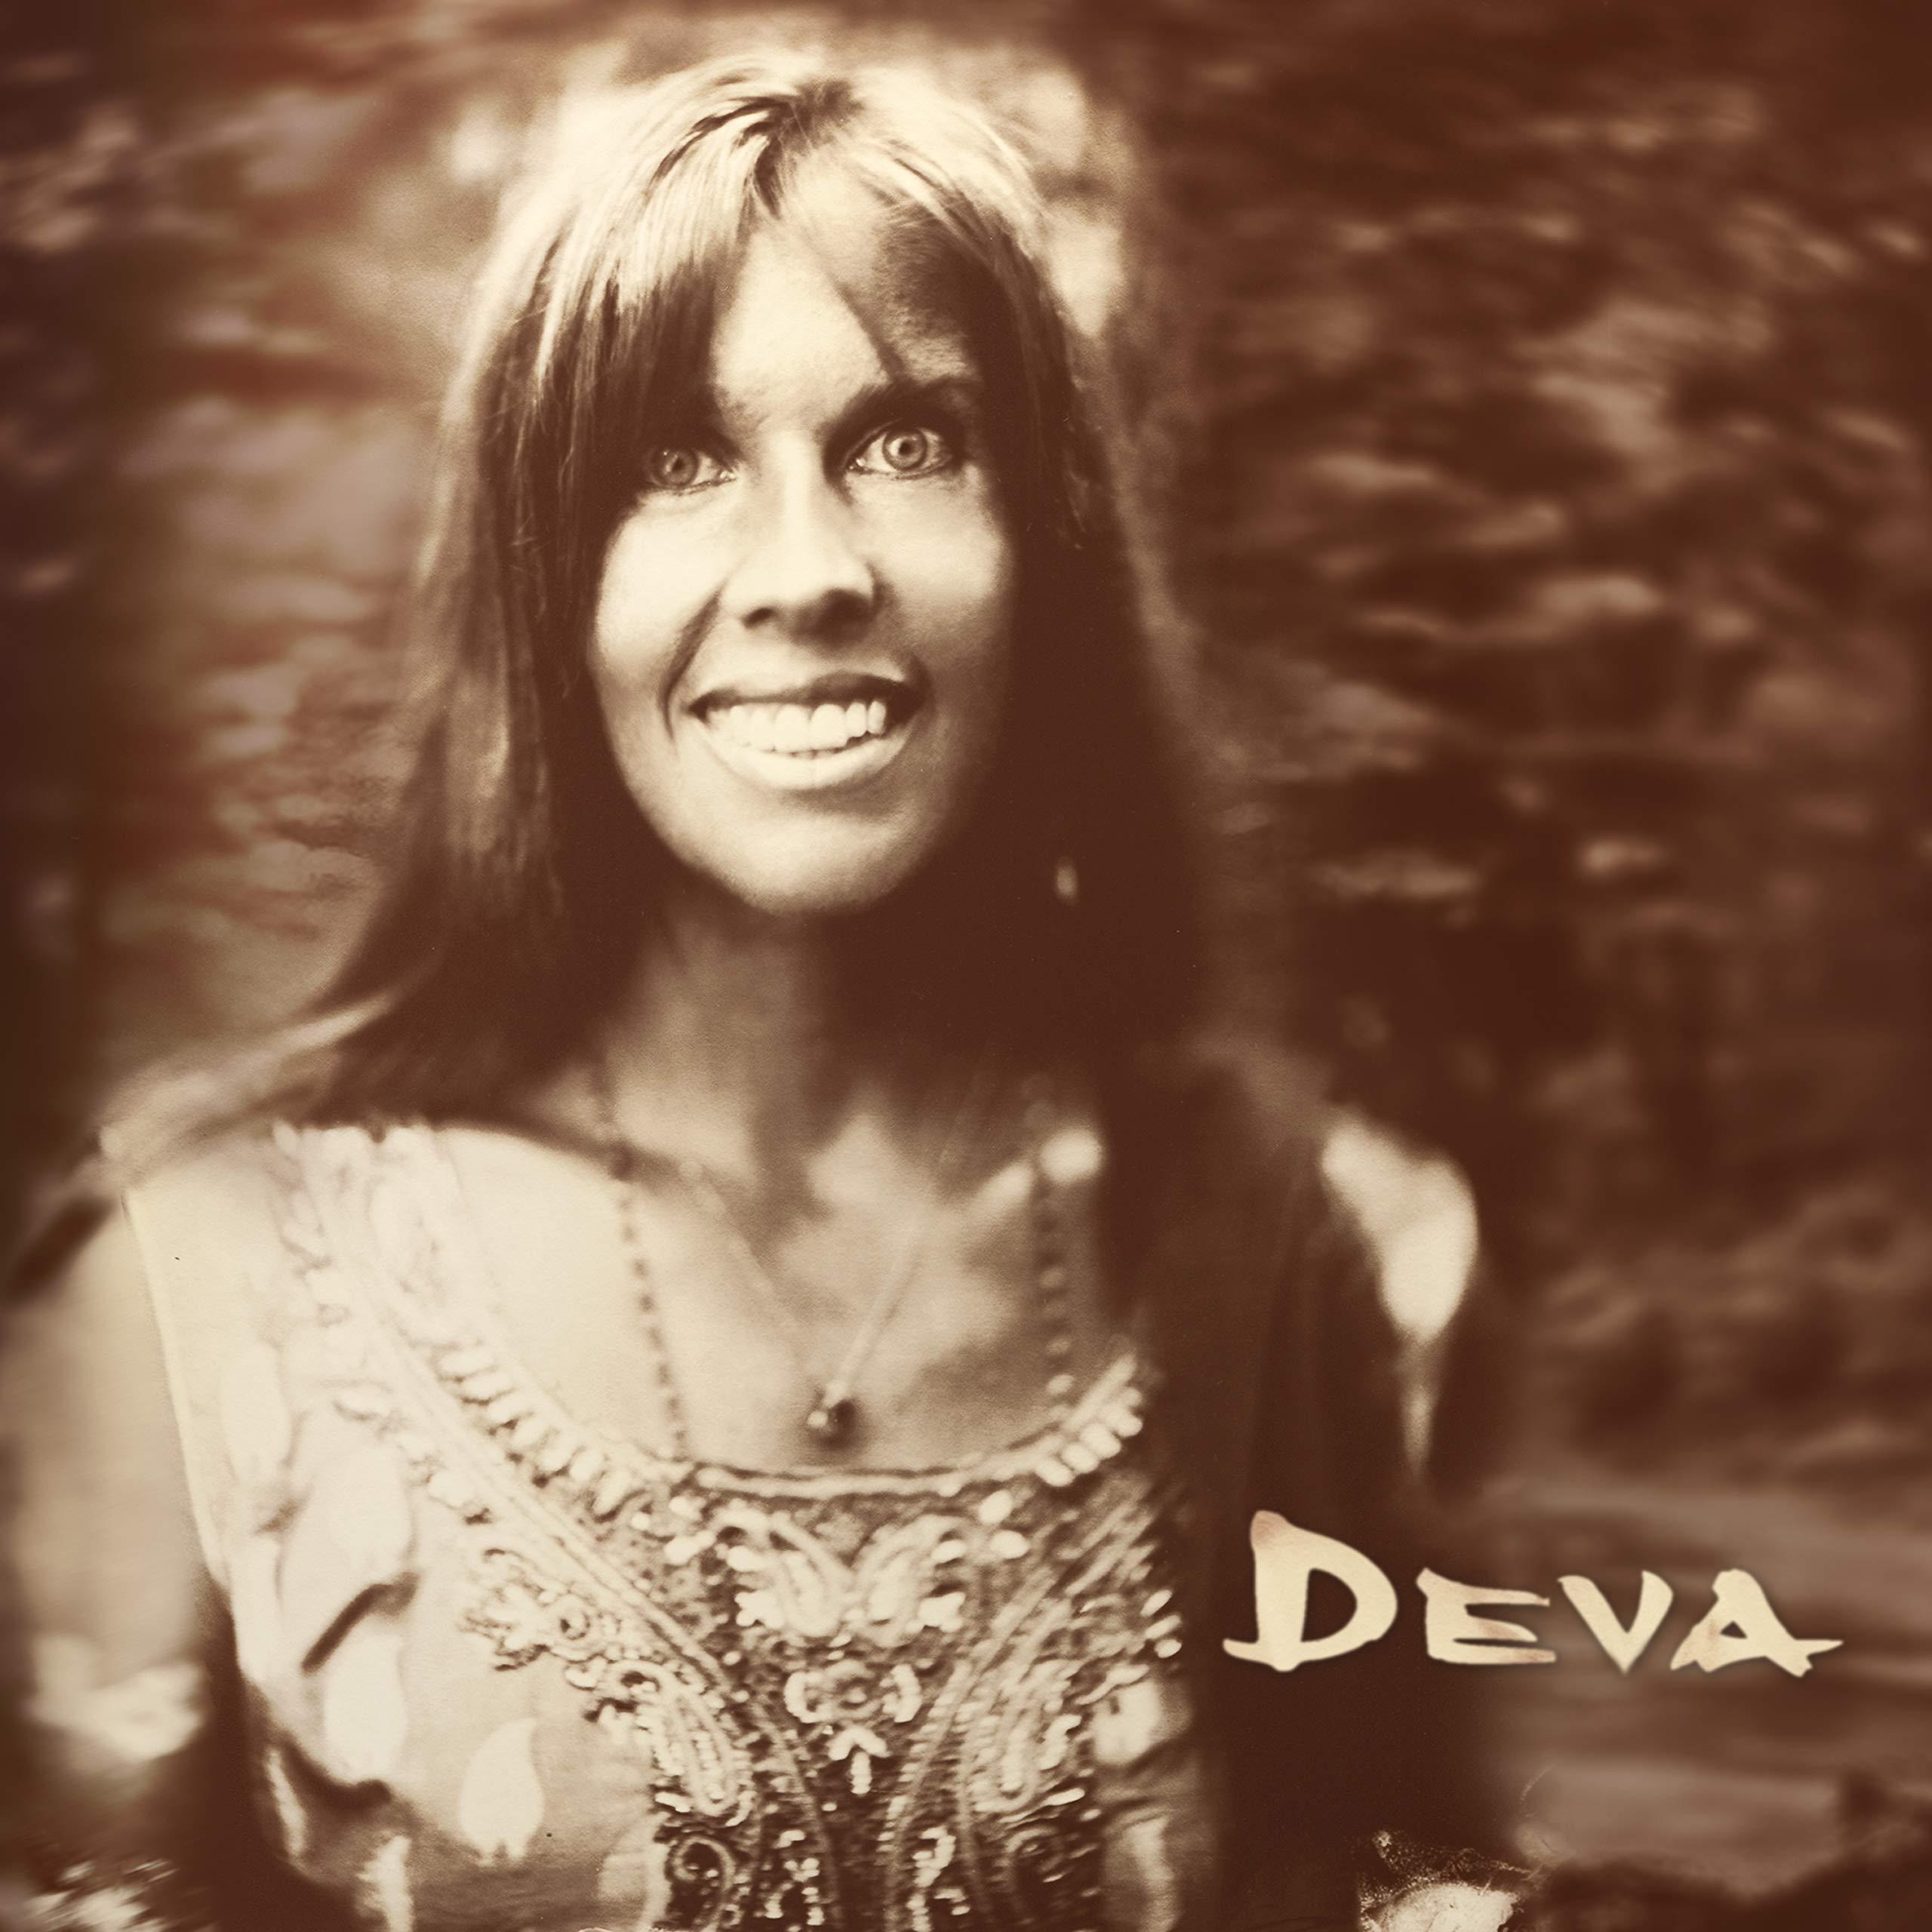 CD : Deva Premal - Deva (CD)